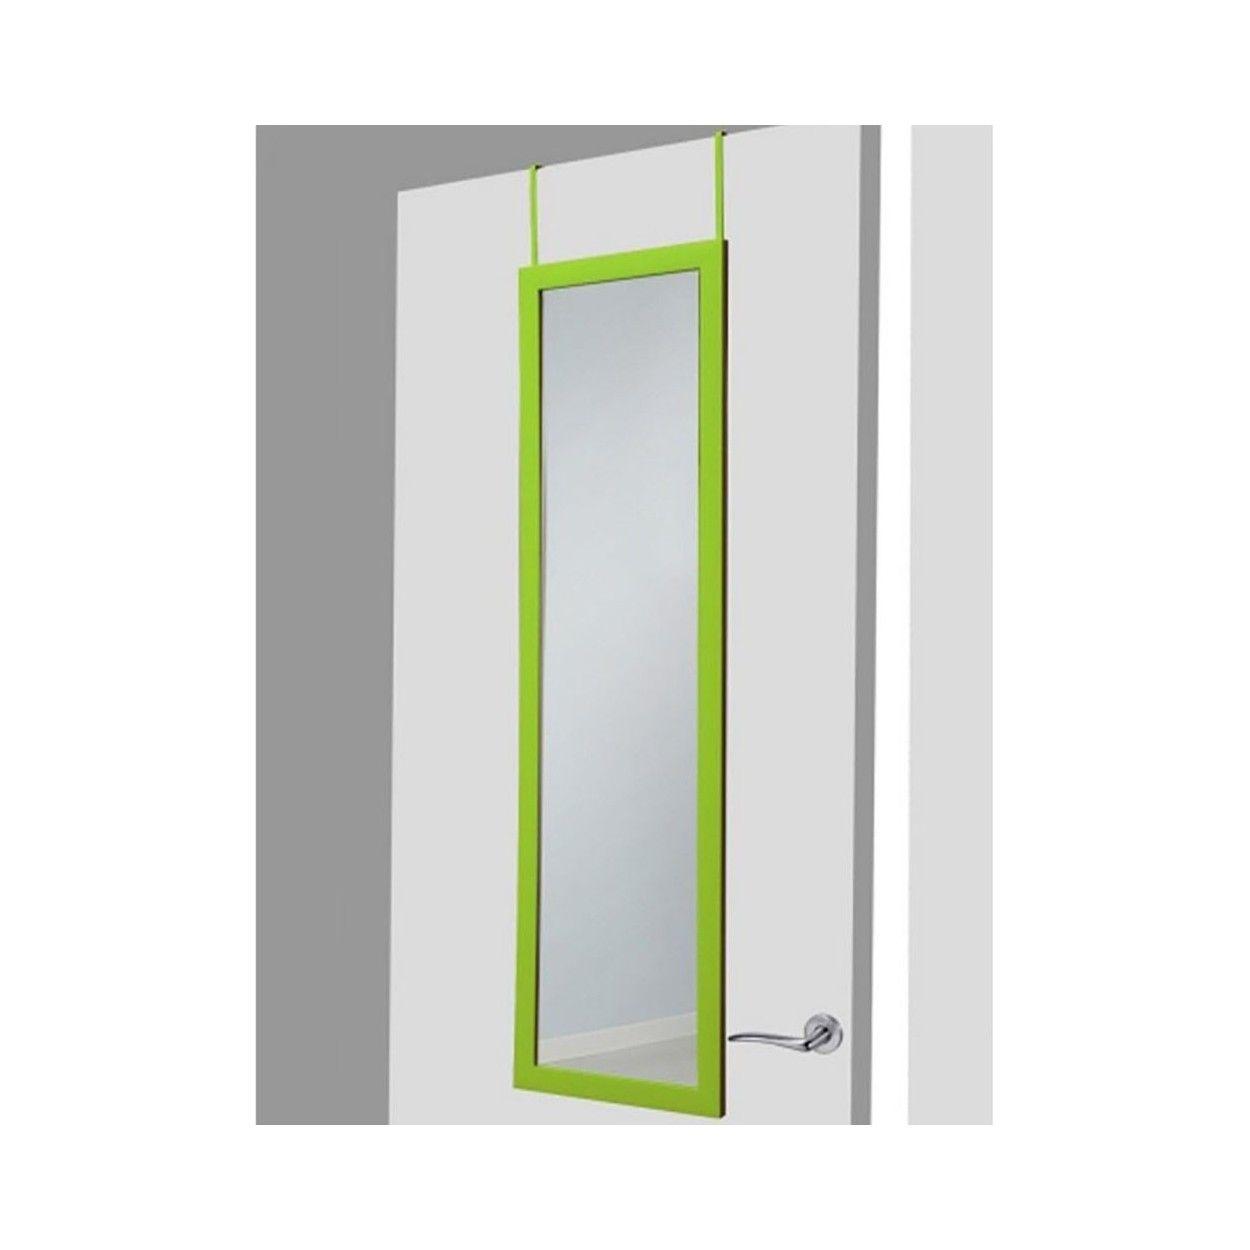 Espejo para puerta verde sin agujeros 37x128 cm hogar y m s for Espejo para puerta